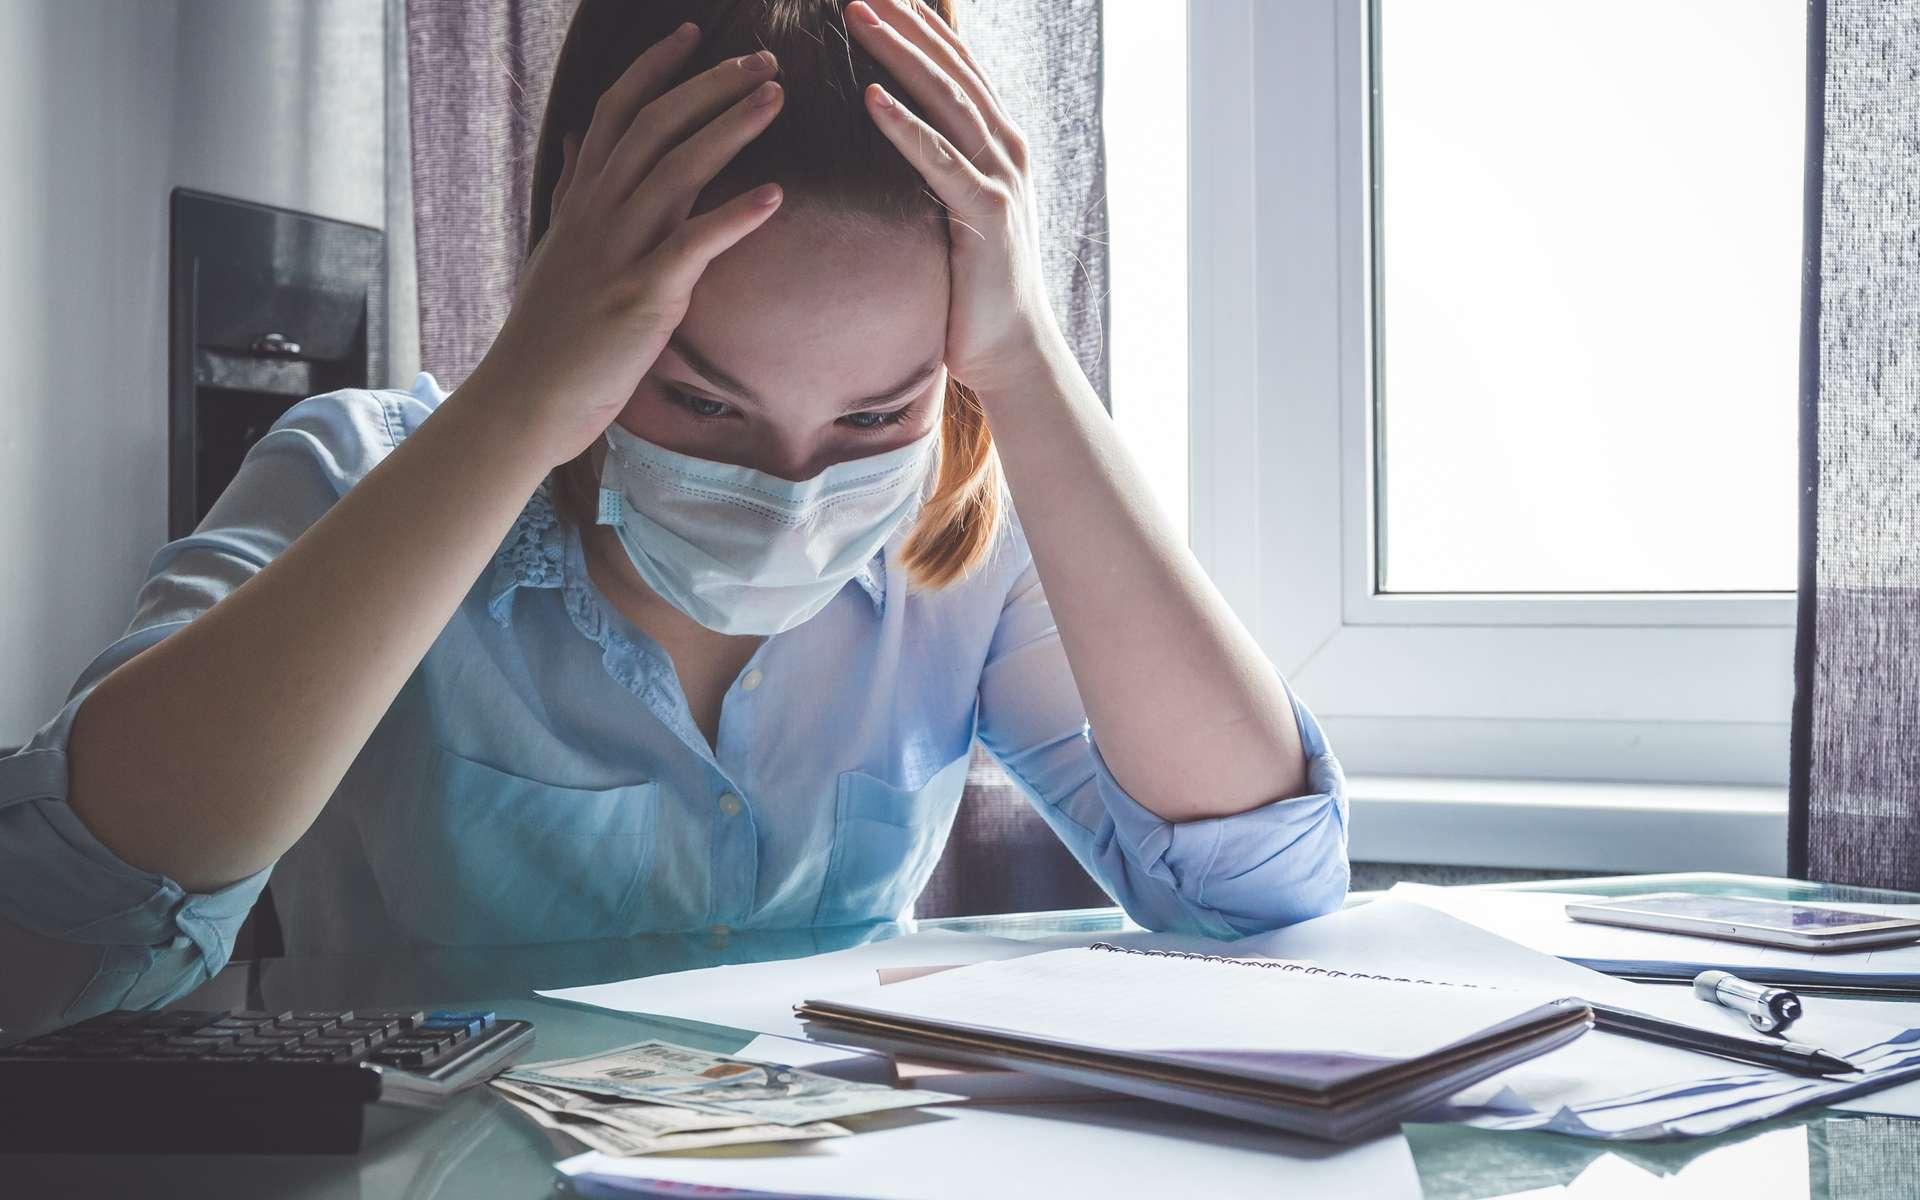 La crise provoquée par le coronavirus n'épargne pas le monde de la recherche... © Shintartanya, Adobe Stock